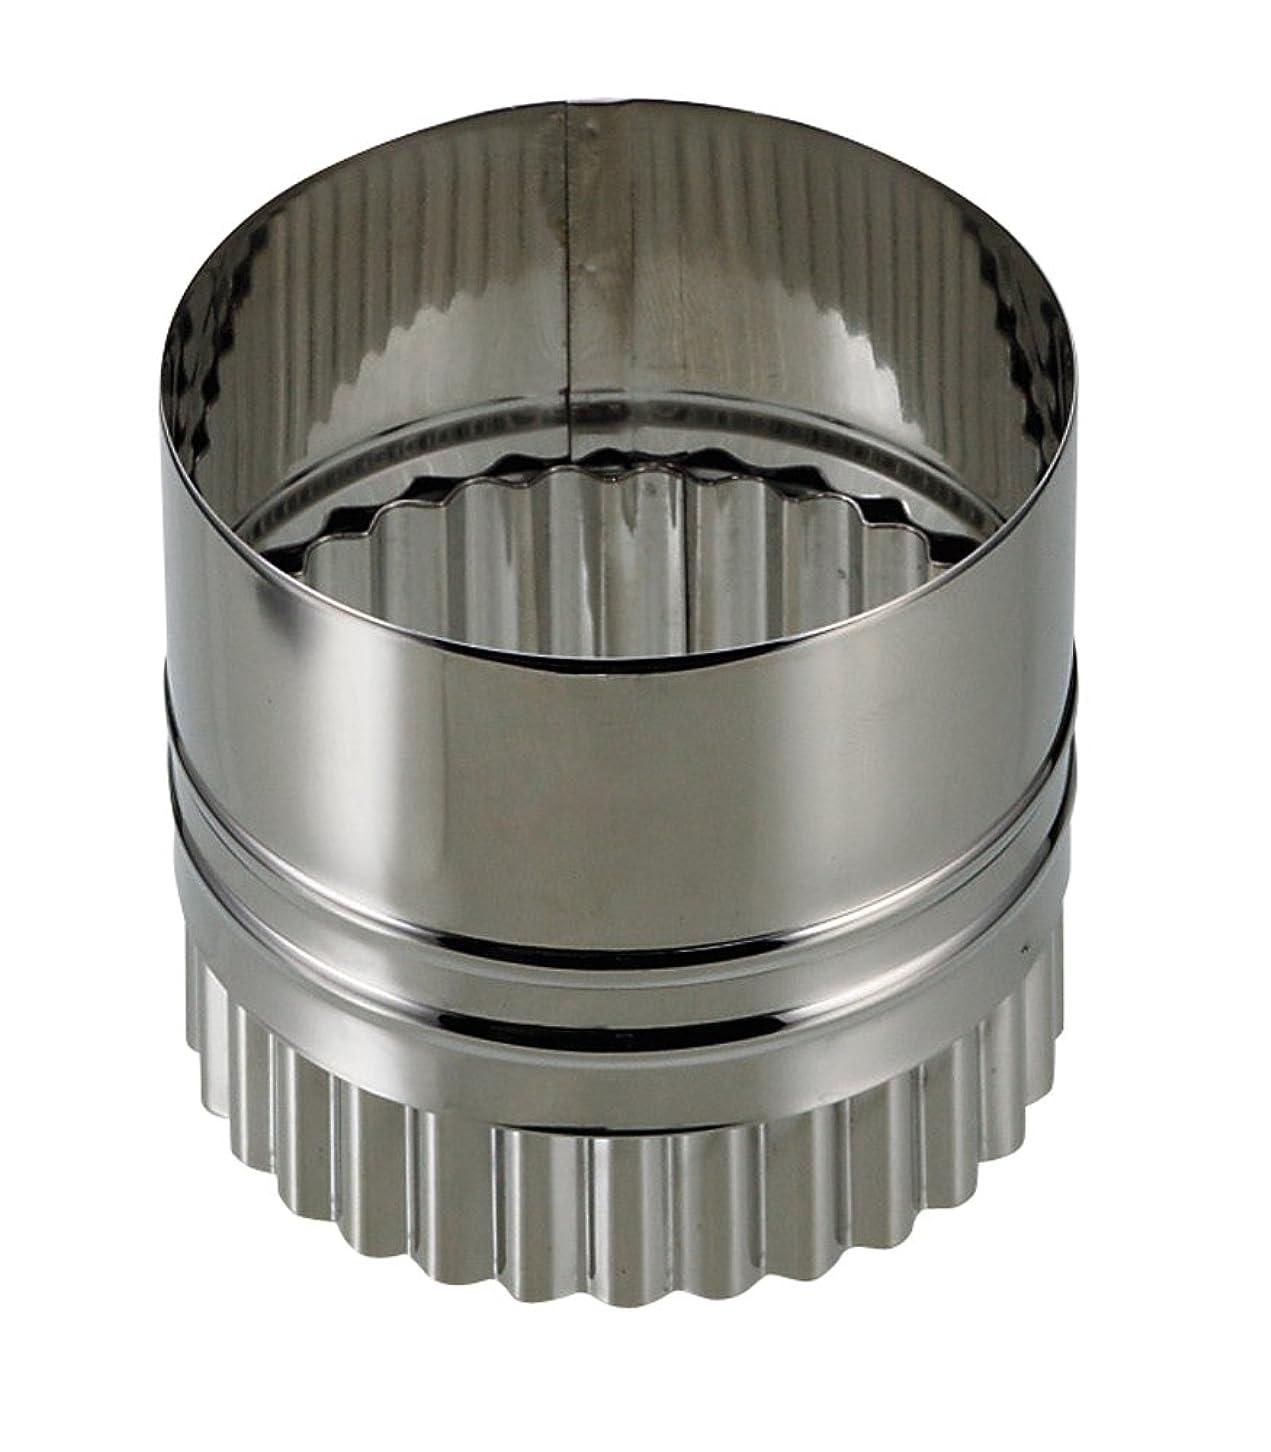 レスリング能力将来のパール金属 EEスイーツ ステンレス製 ウェーブラウンド両用 抜き型 6cm D-4894